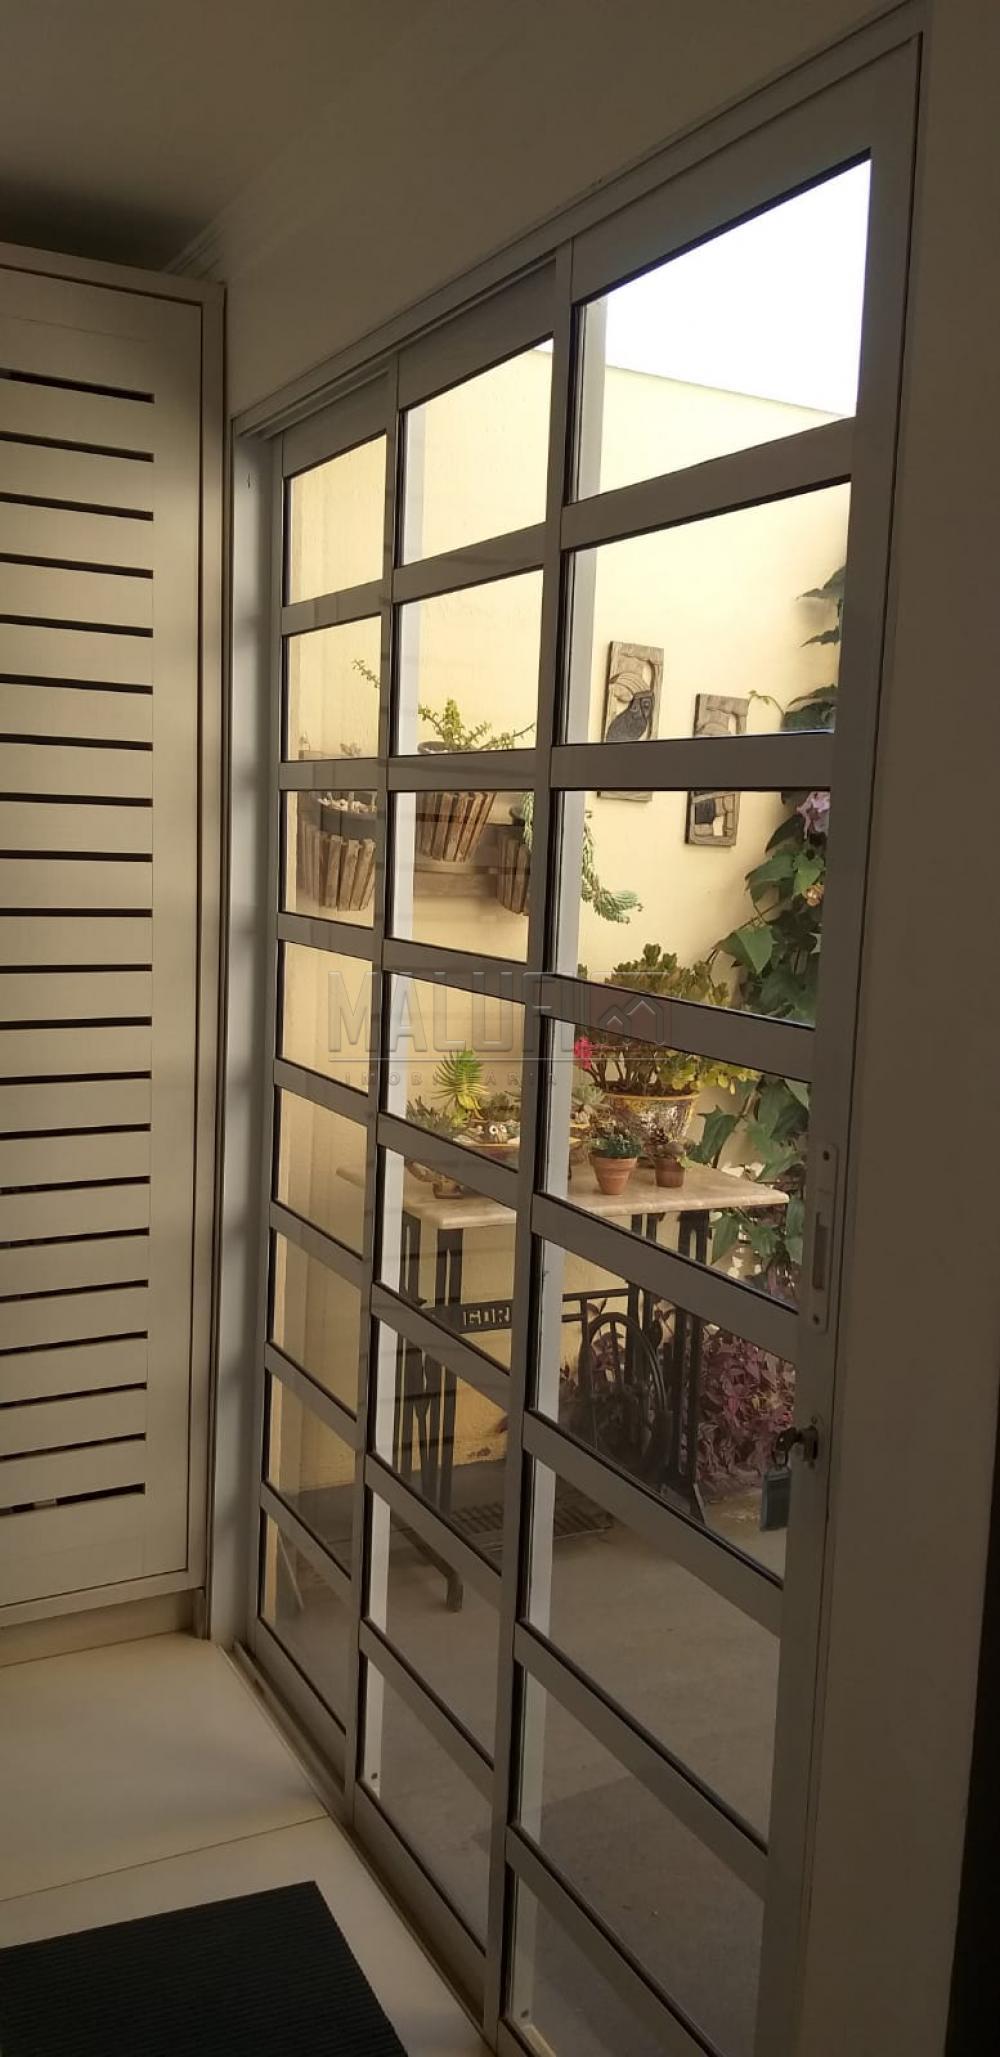 Comprar Casas / Padrão em Olímpia R$ 500.000,00 - Foto 6